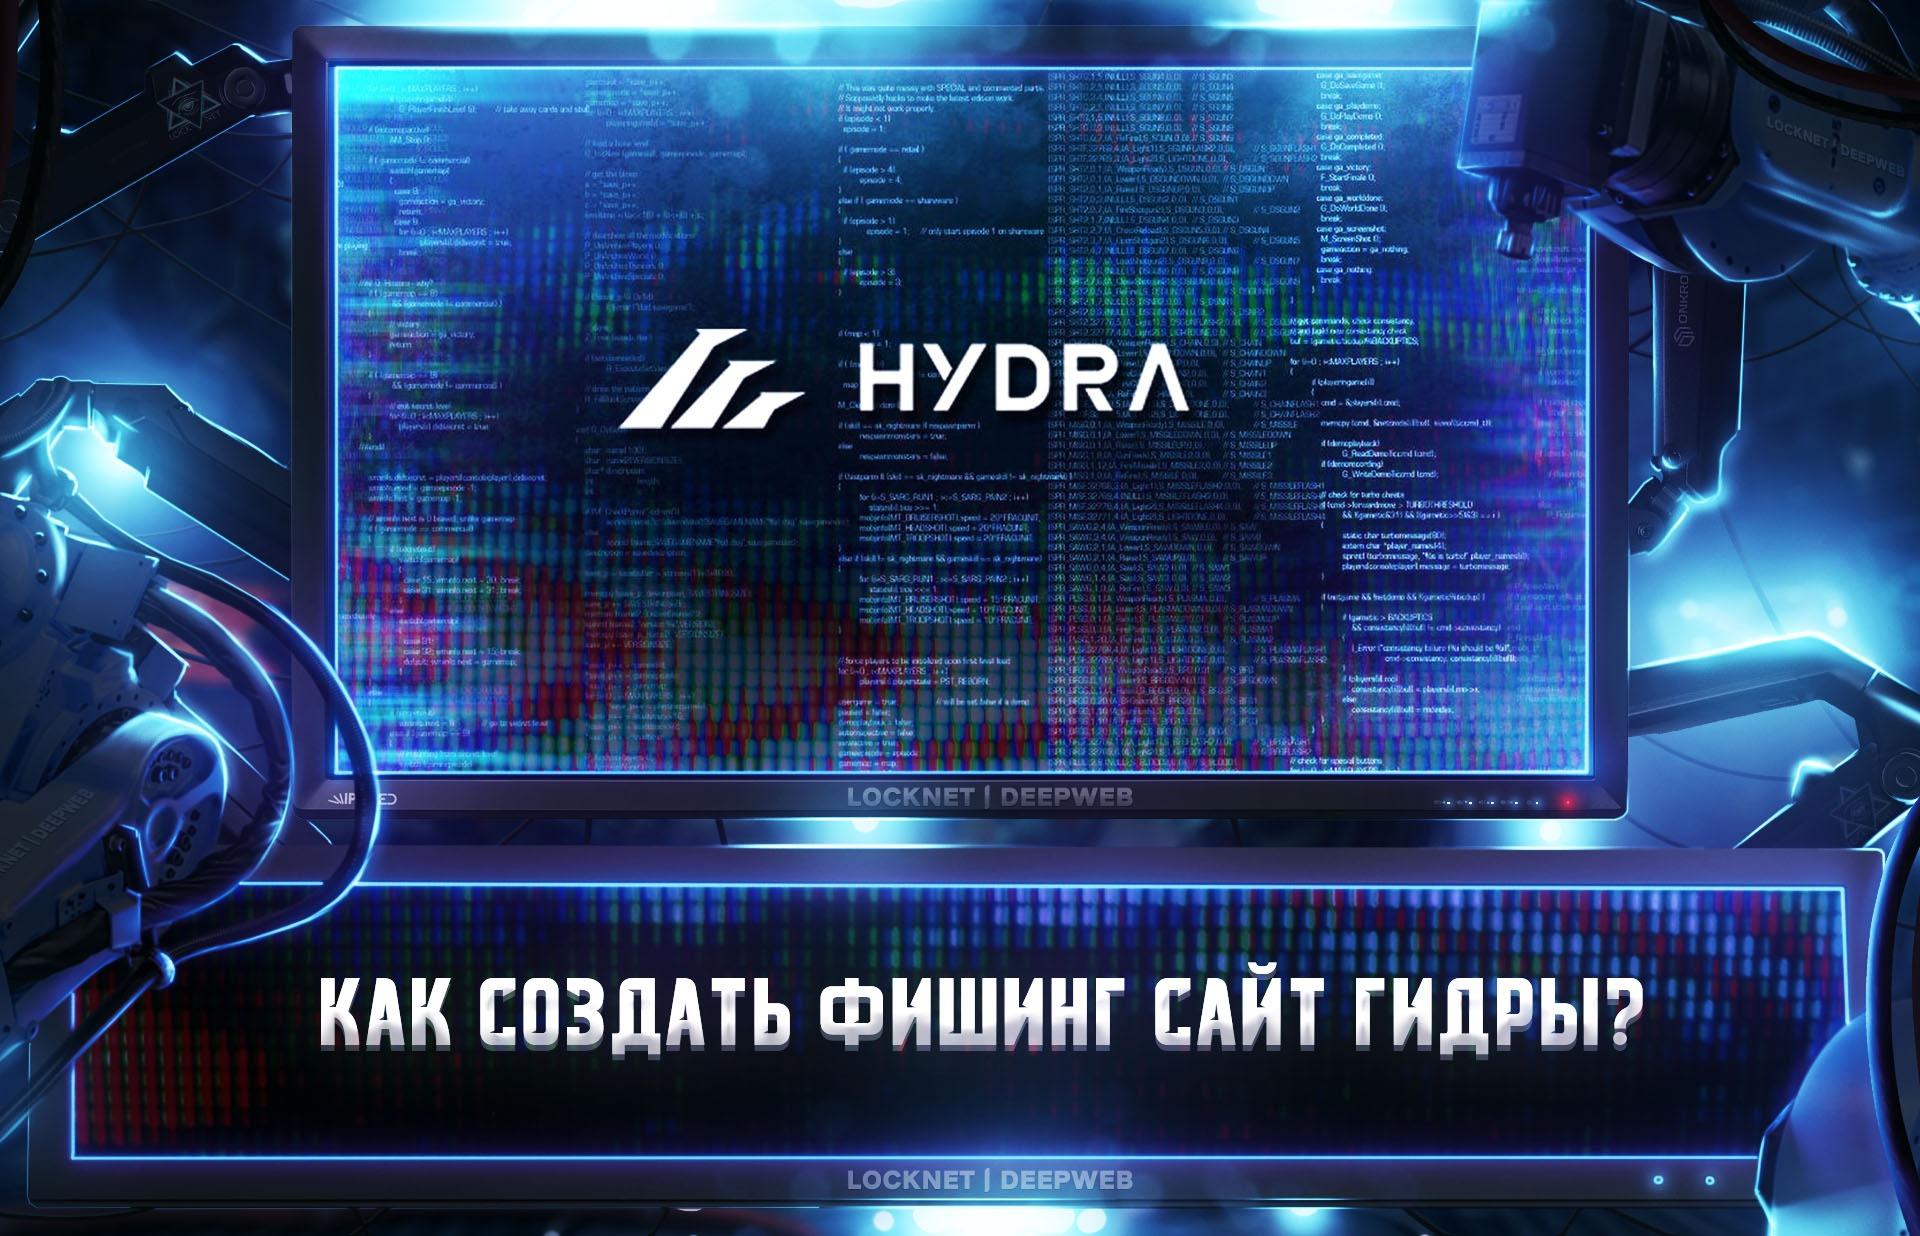 Майнинг darknet gidra опера тор браузер скачать с официального сайта вход на гидру